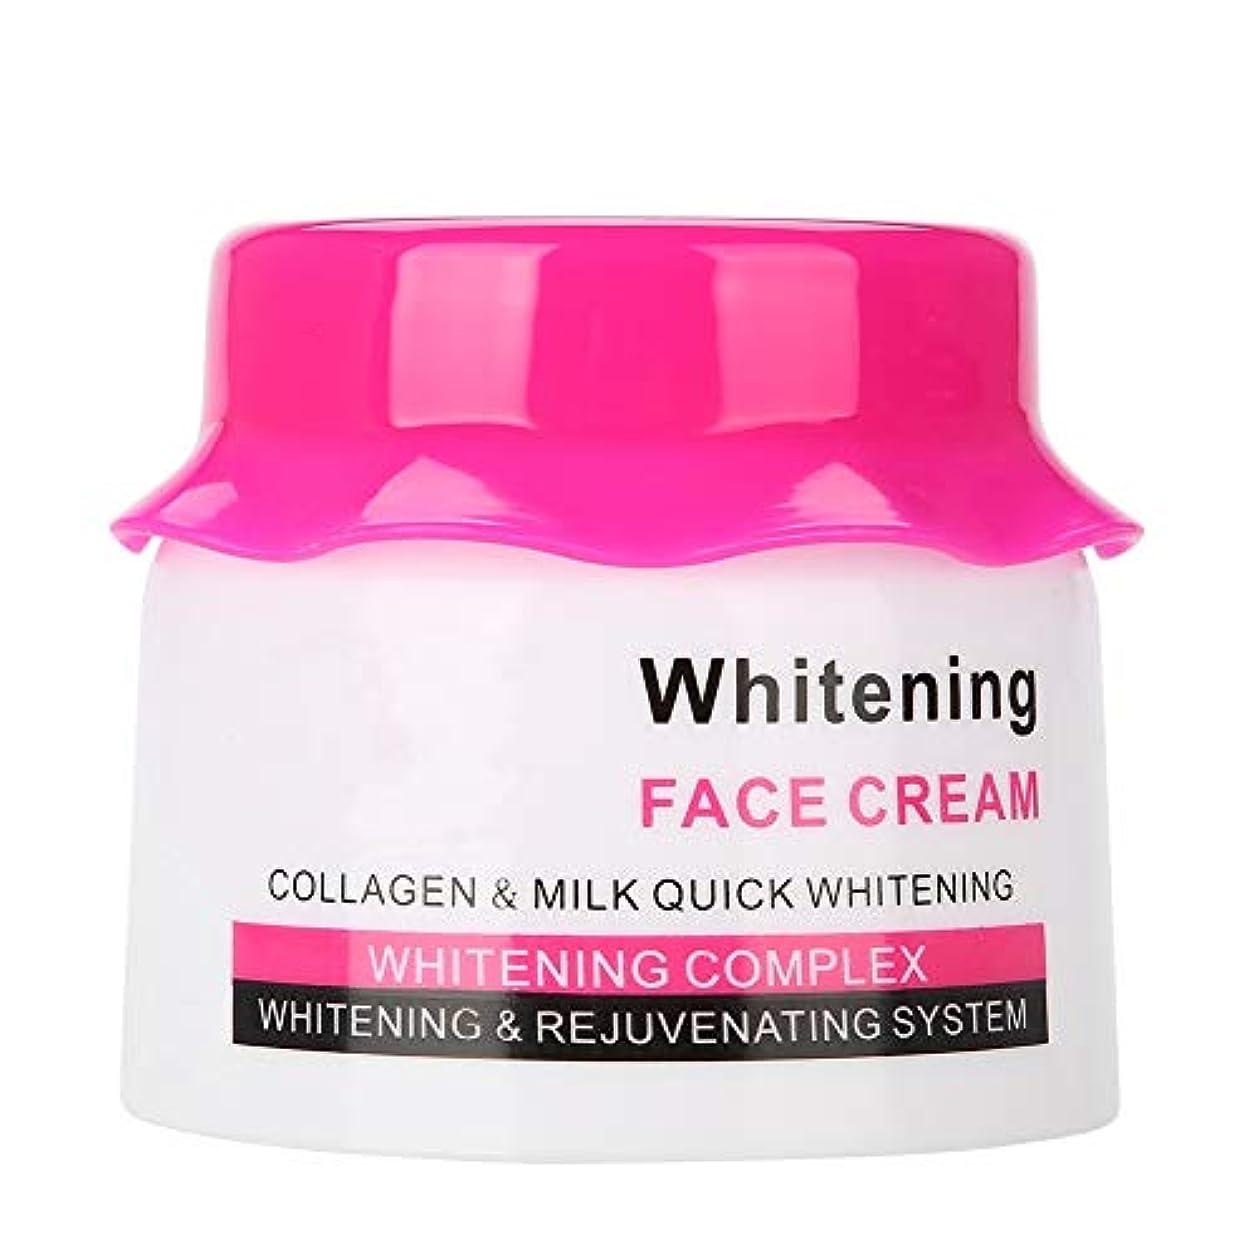 急流ナプキン気怠い天然コラーゲン、肌のリラクゼーションと引き締まった肌の多機能、保湿引き締めフェイシャルシュリンクポアケア肌を白くするフェイシャルクリーム